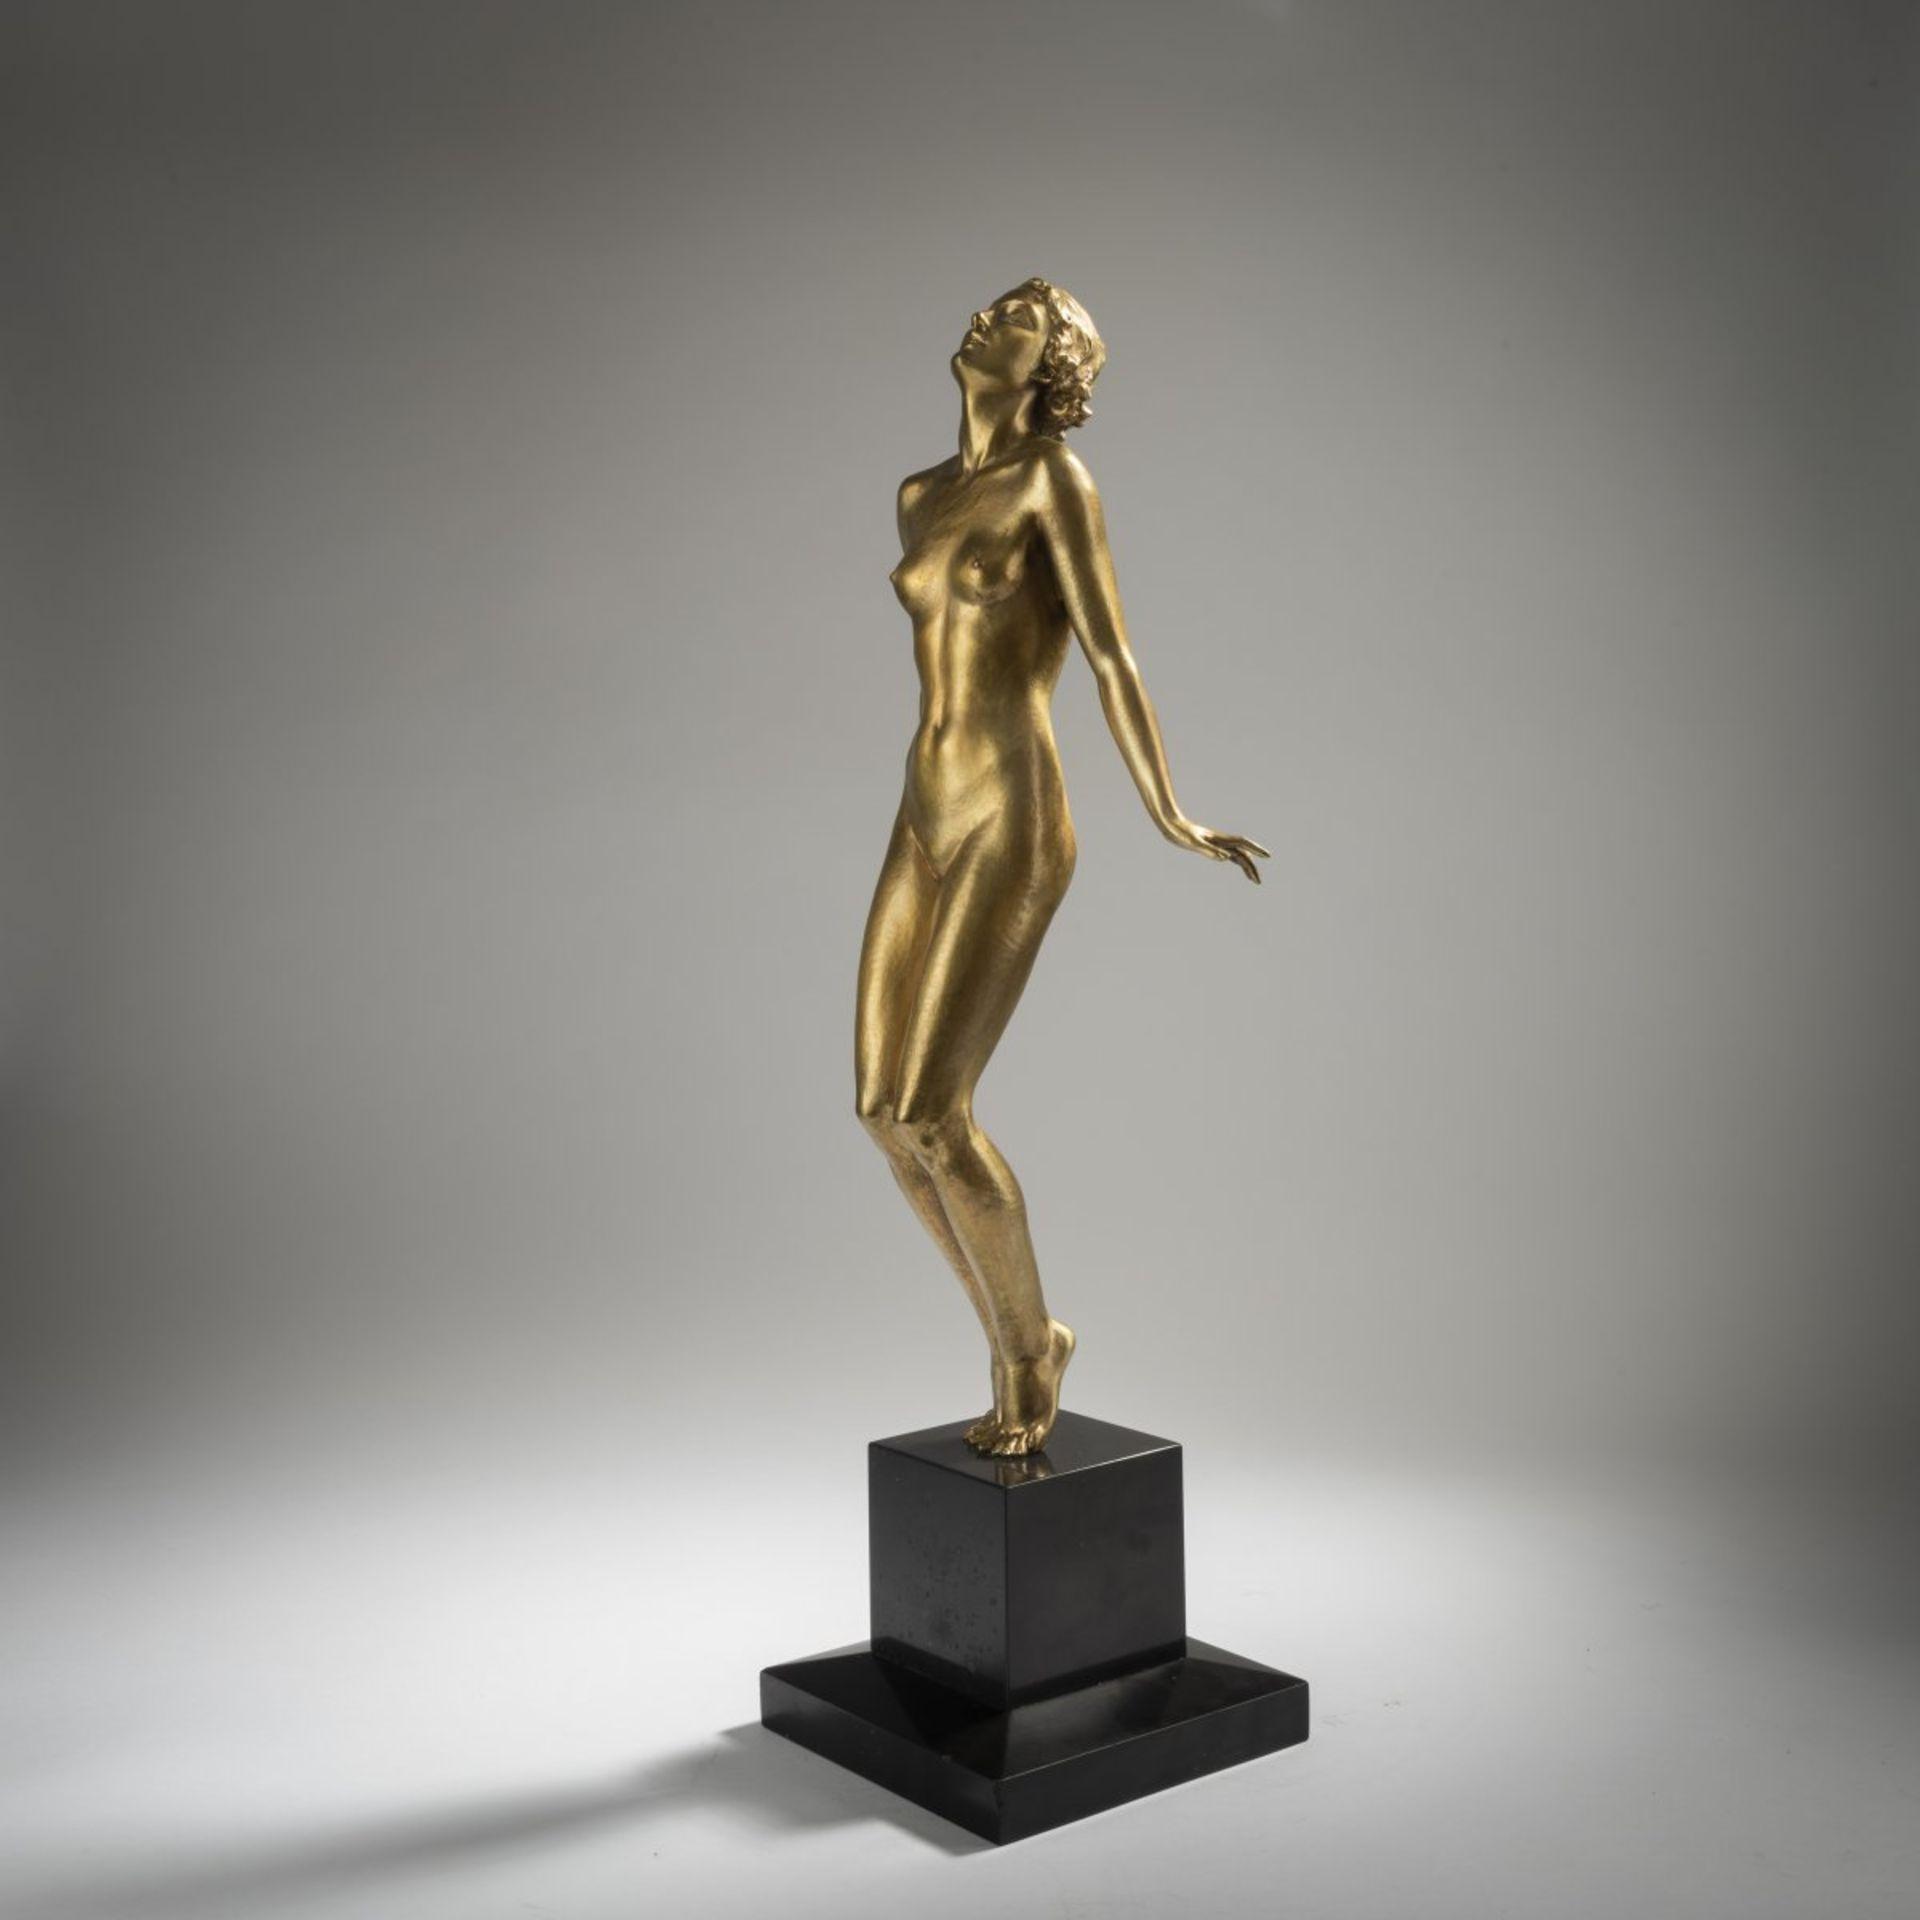 Ferdinand Preiss, 'Frühlingssonne', nach 1940 - Bild 6 aus 12